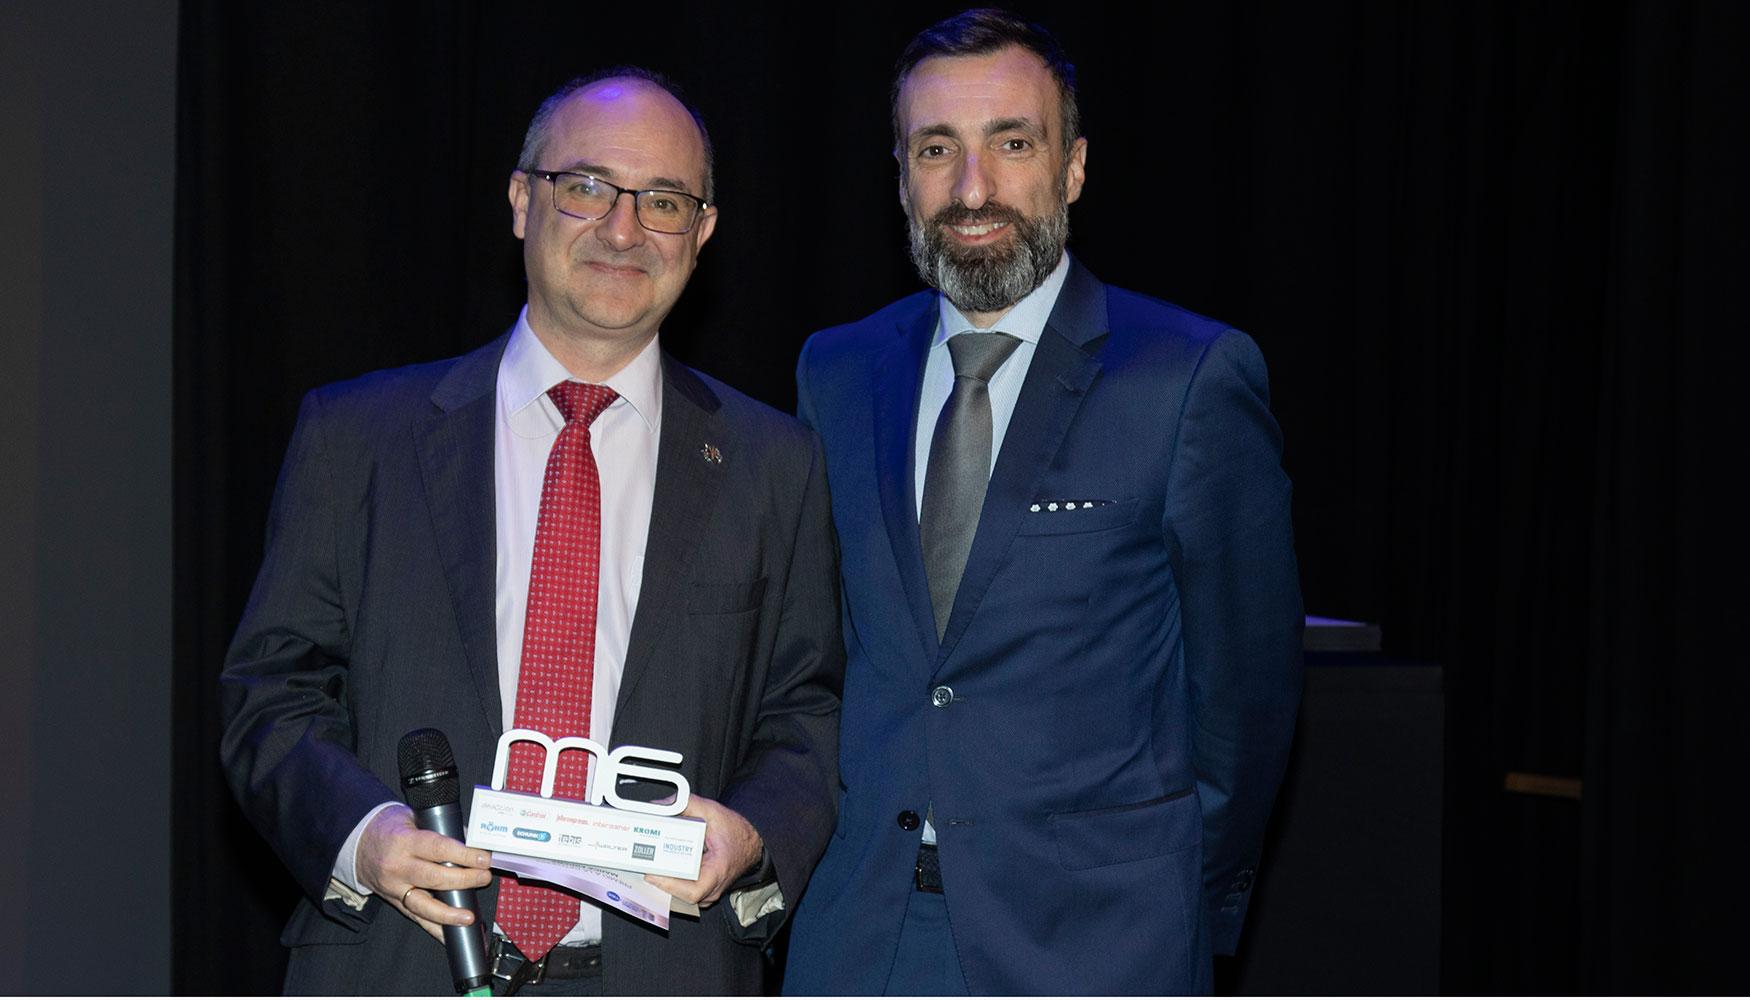 En esta categoría, fue David Sanz, vocal de ASPROMEC y Market Manager de Walter Tools Iberia quien hizo entrega del premio a Alfredo López Díez, Head of Advanced Engineering en ITP Aero.